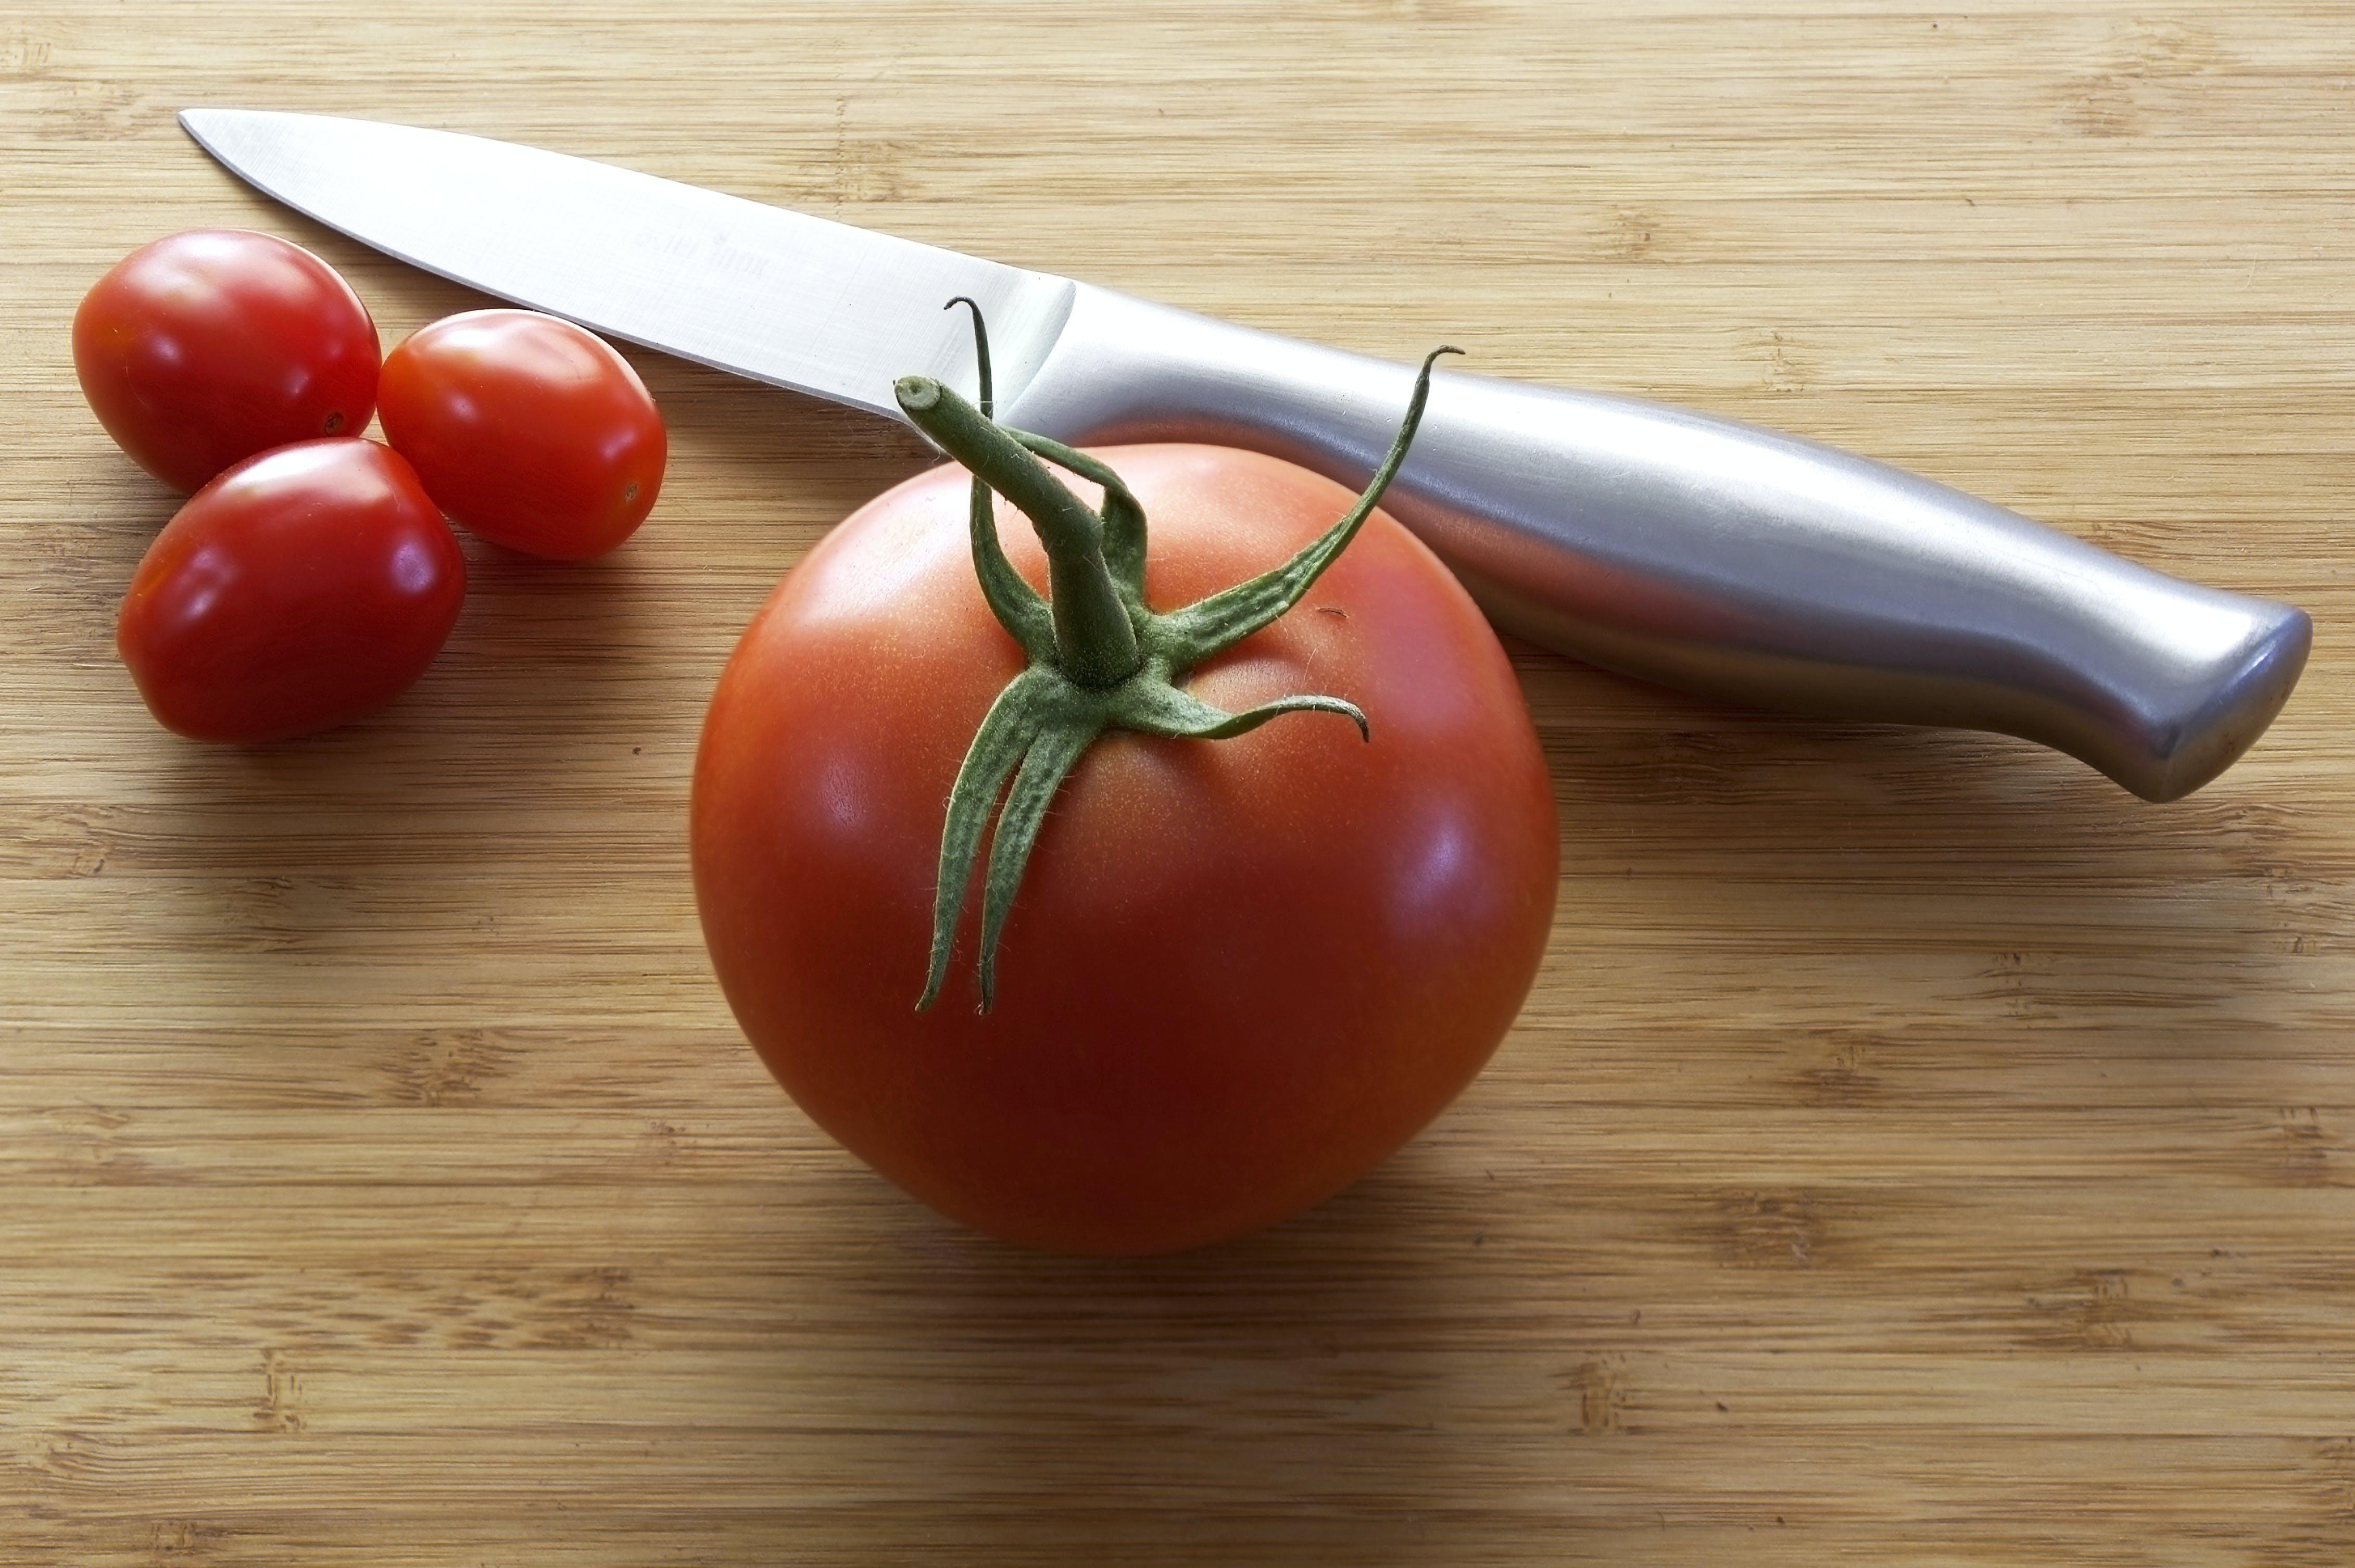 Tomatoes Near Knife